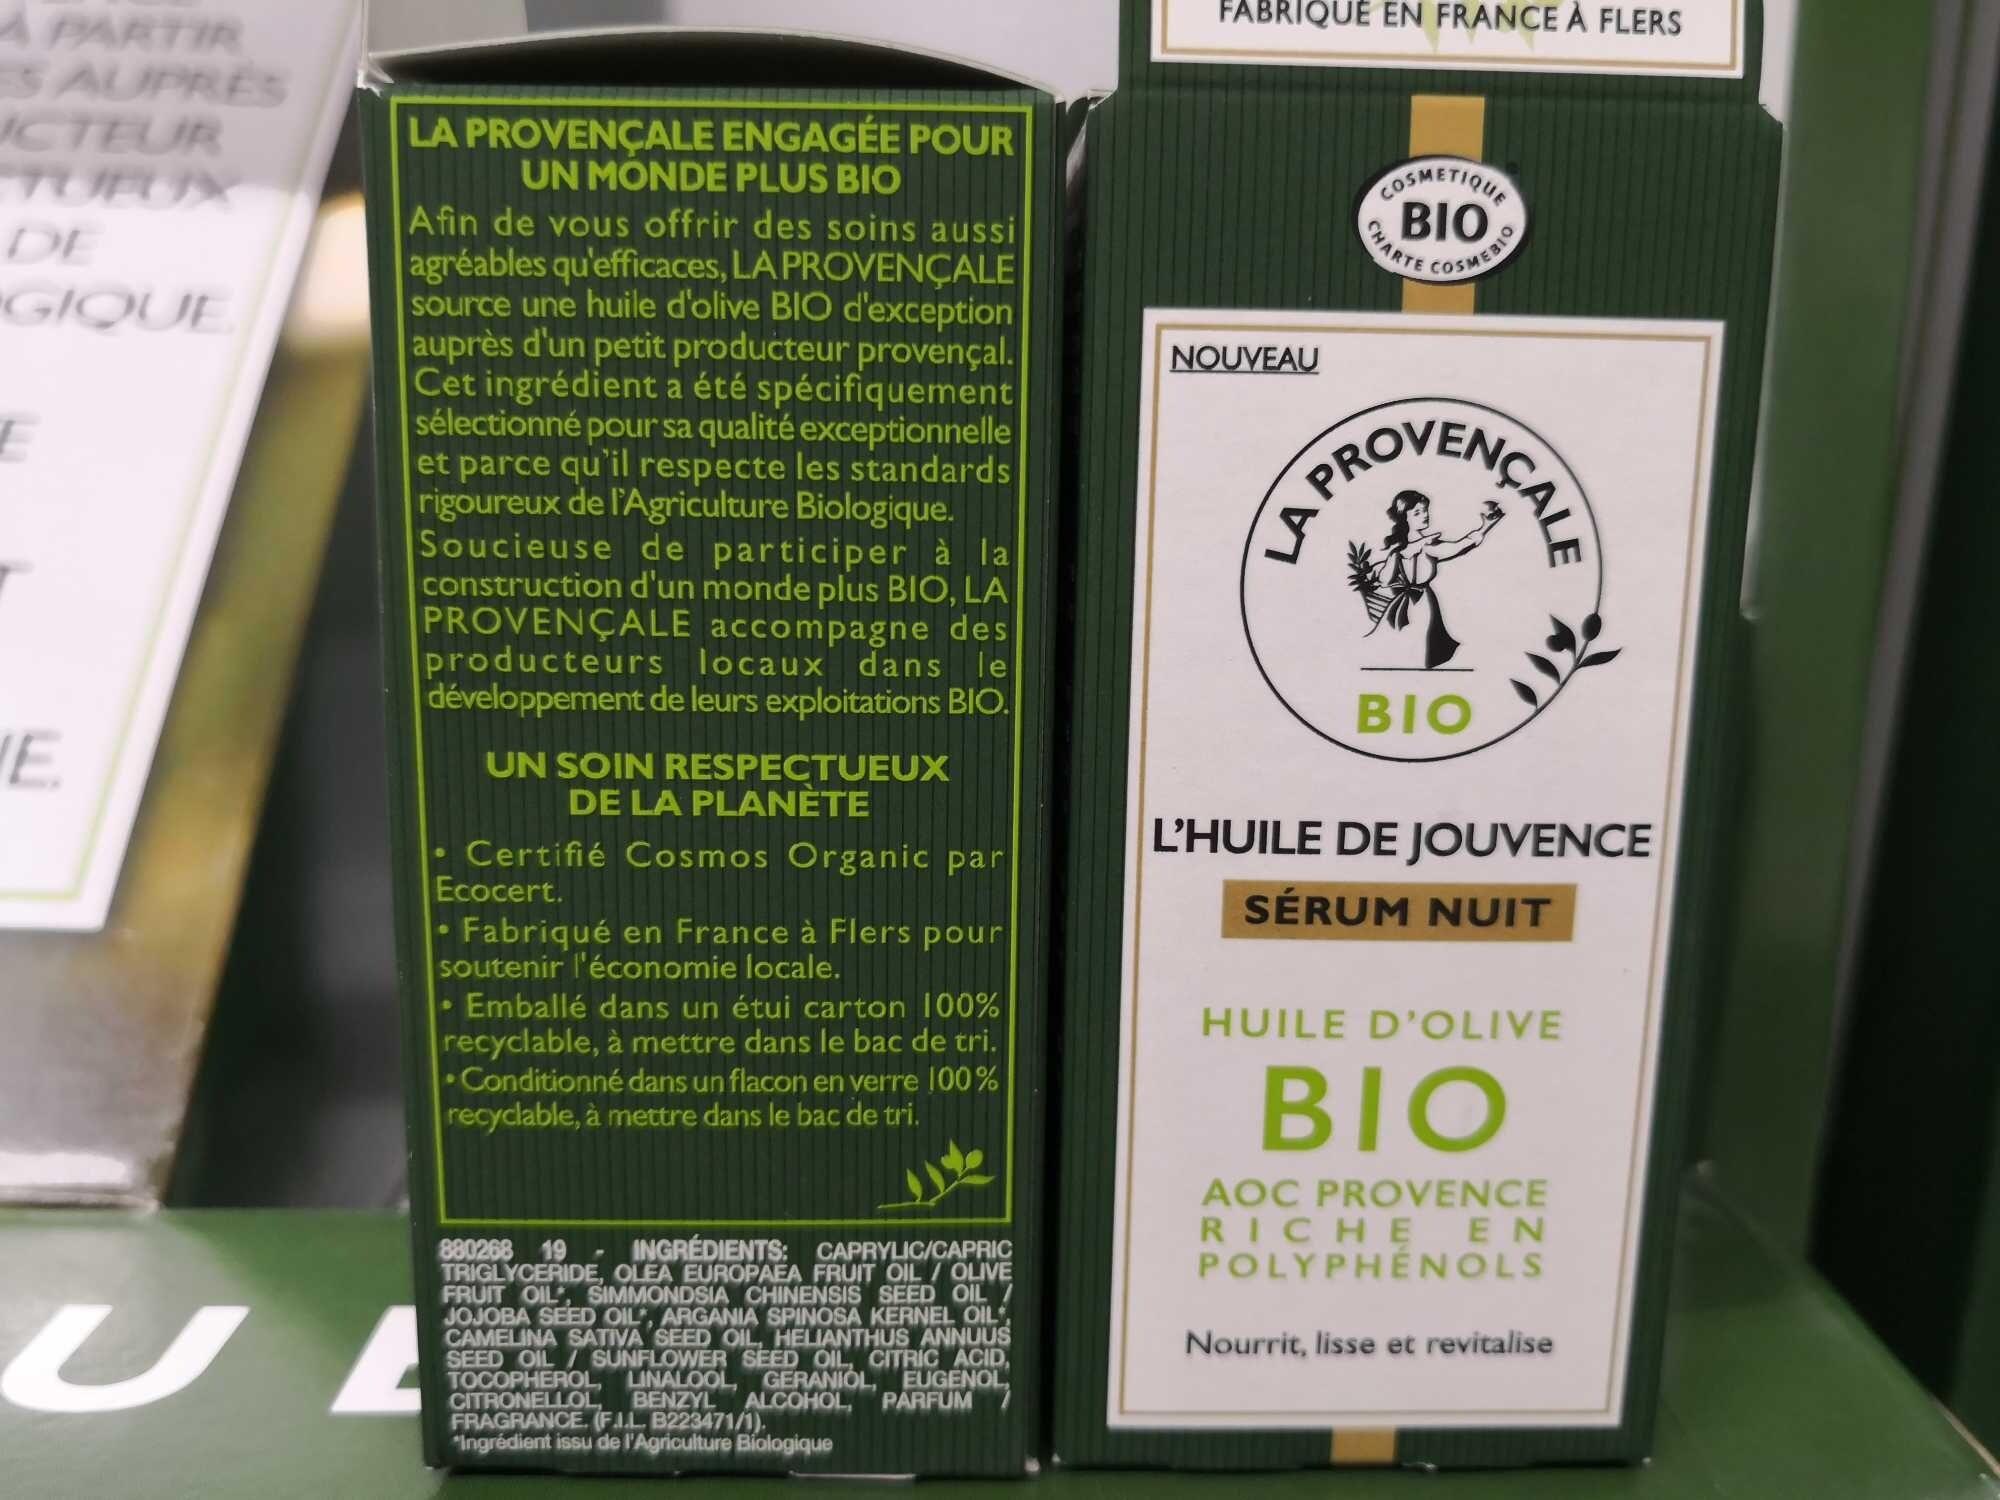 L'huile de jouvence Sérum nuit - Product